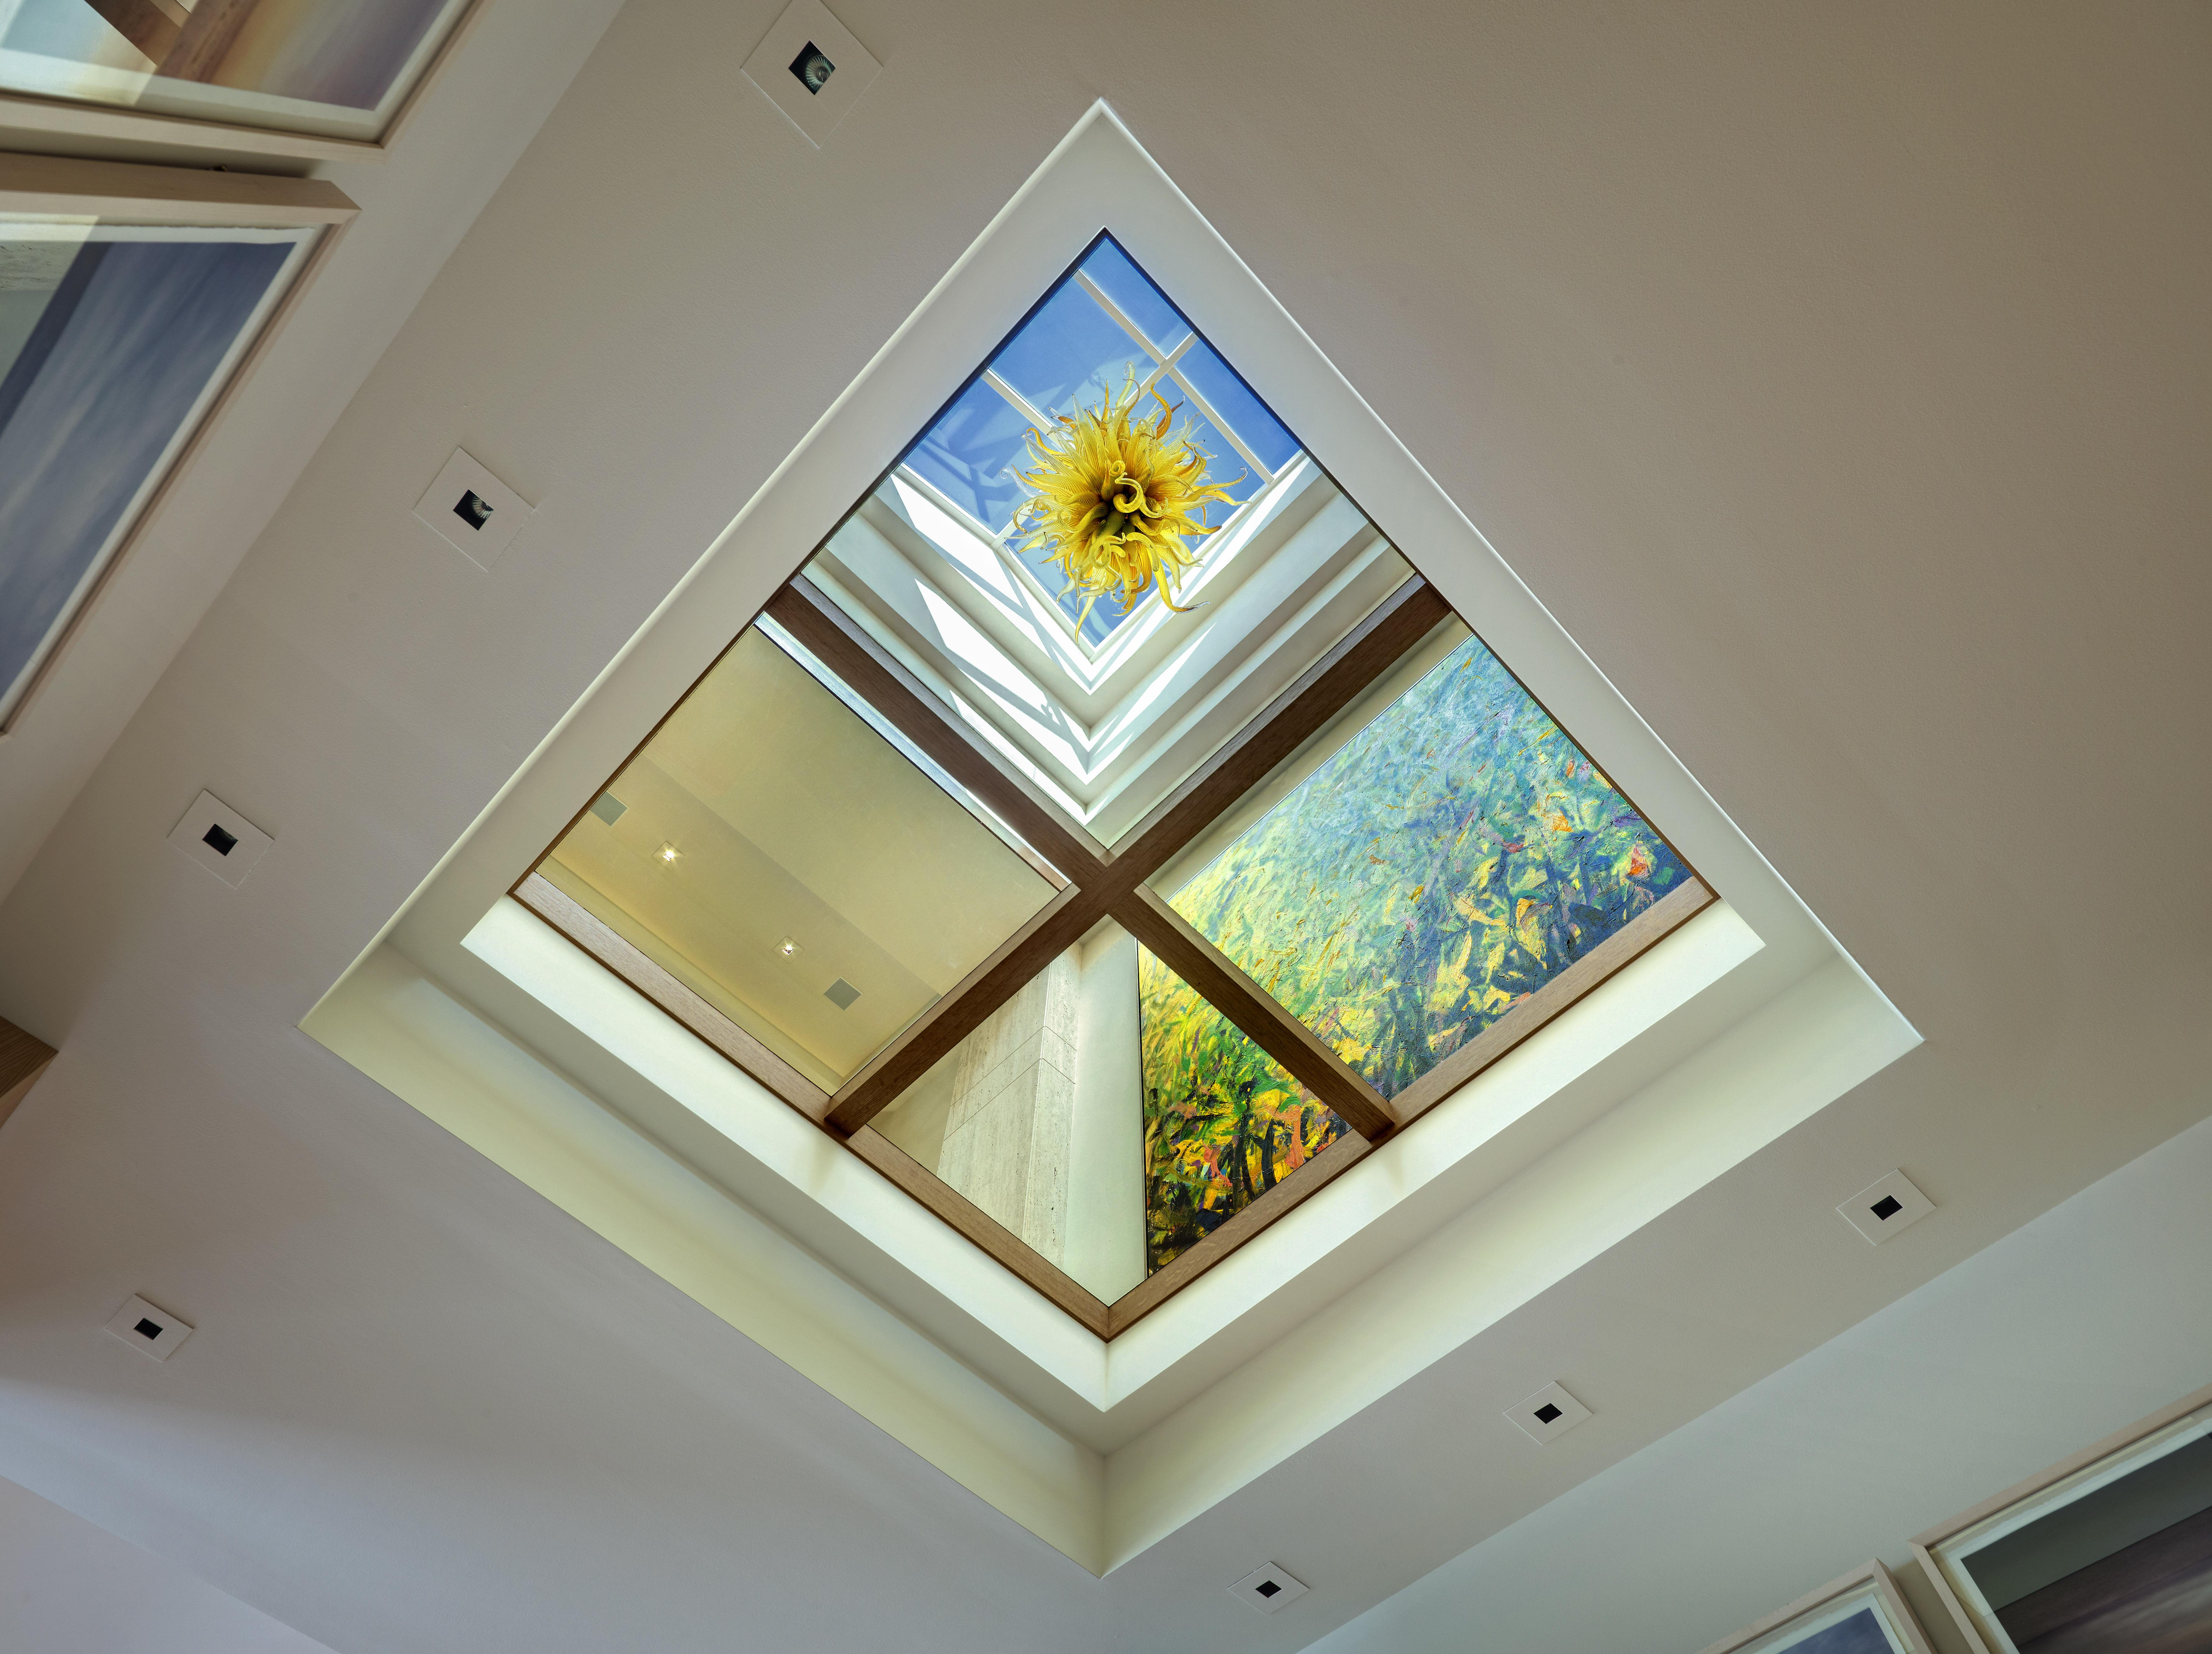 Minster Floor Window-013-dc3